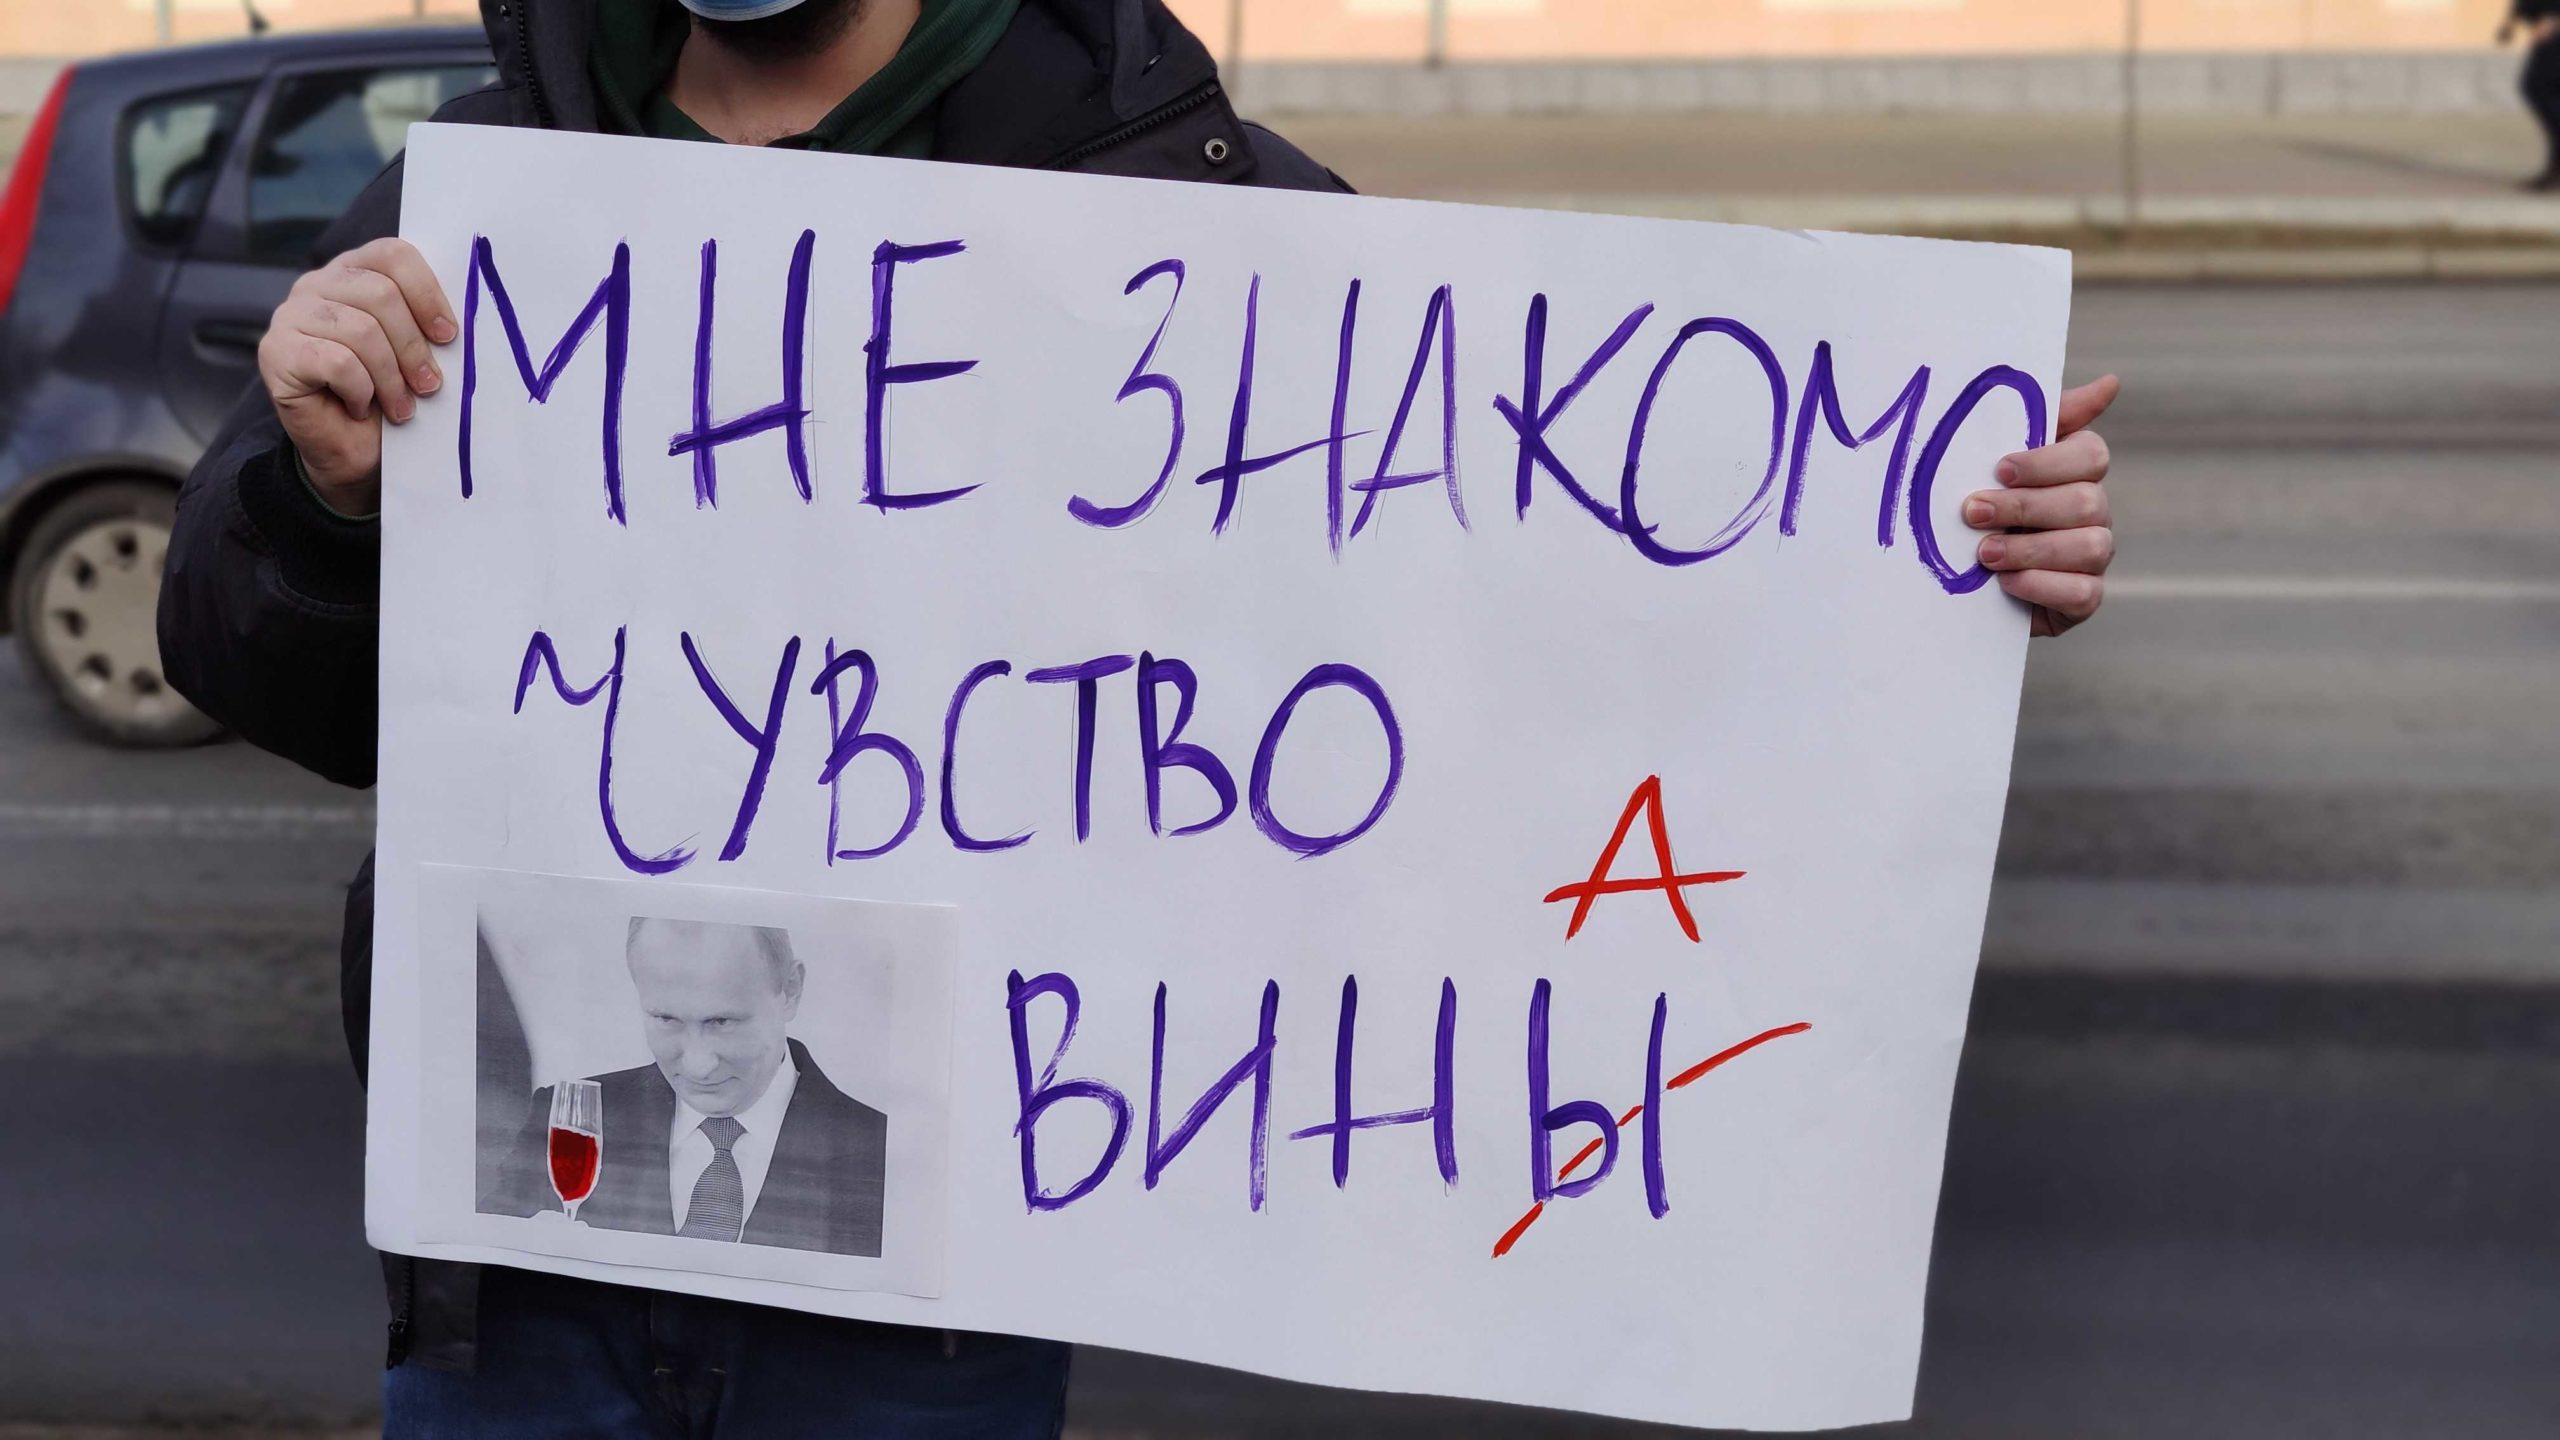 ВКишиневе проходят митинги заНавального иПутина (ВИДЕО)